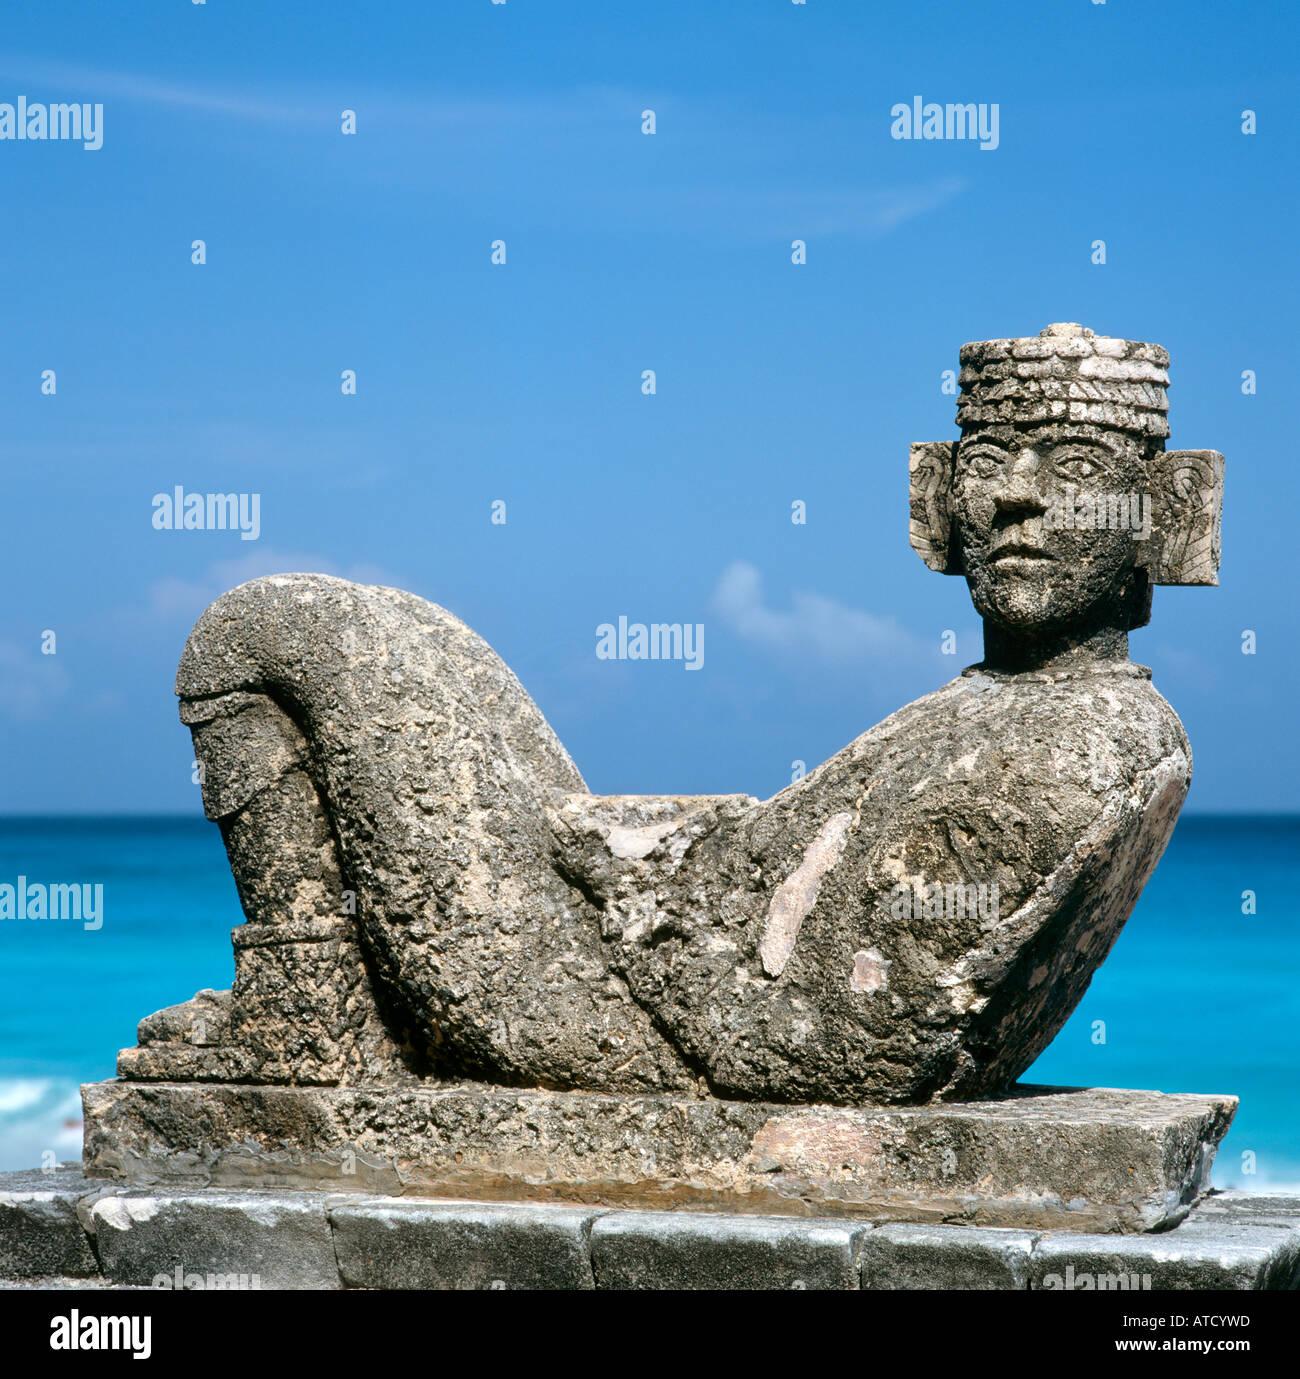 Chac Mool Statue, Cancun Beach, Quintana Roo, Yucatan Peninsula, Mexico - Stock Image